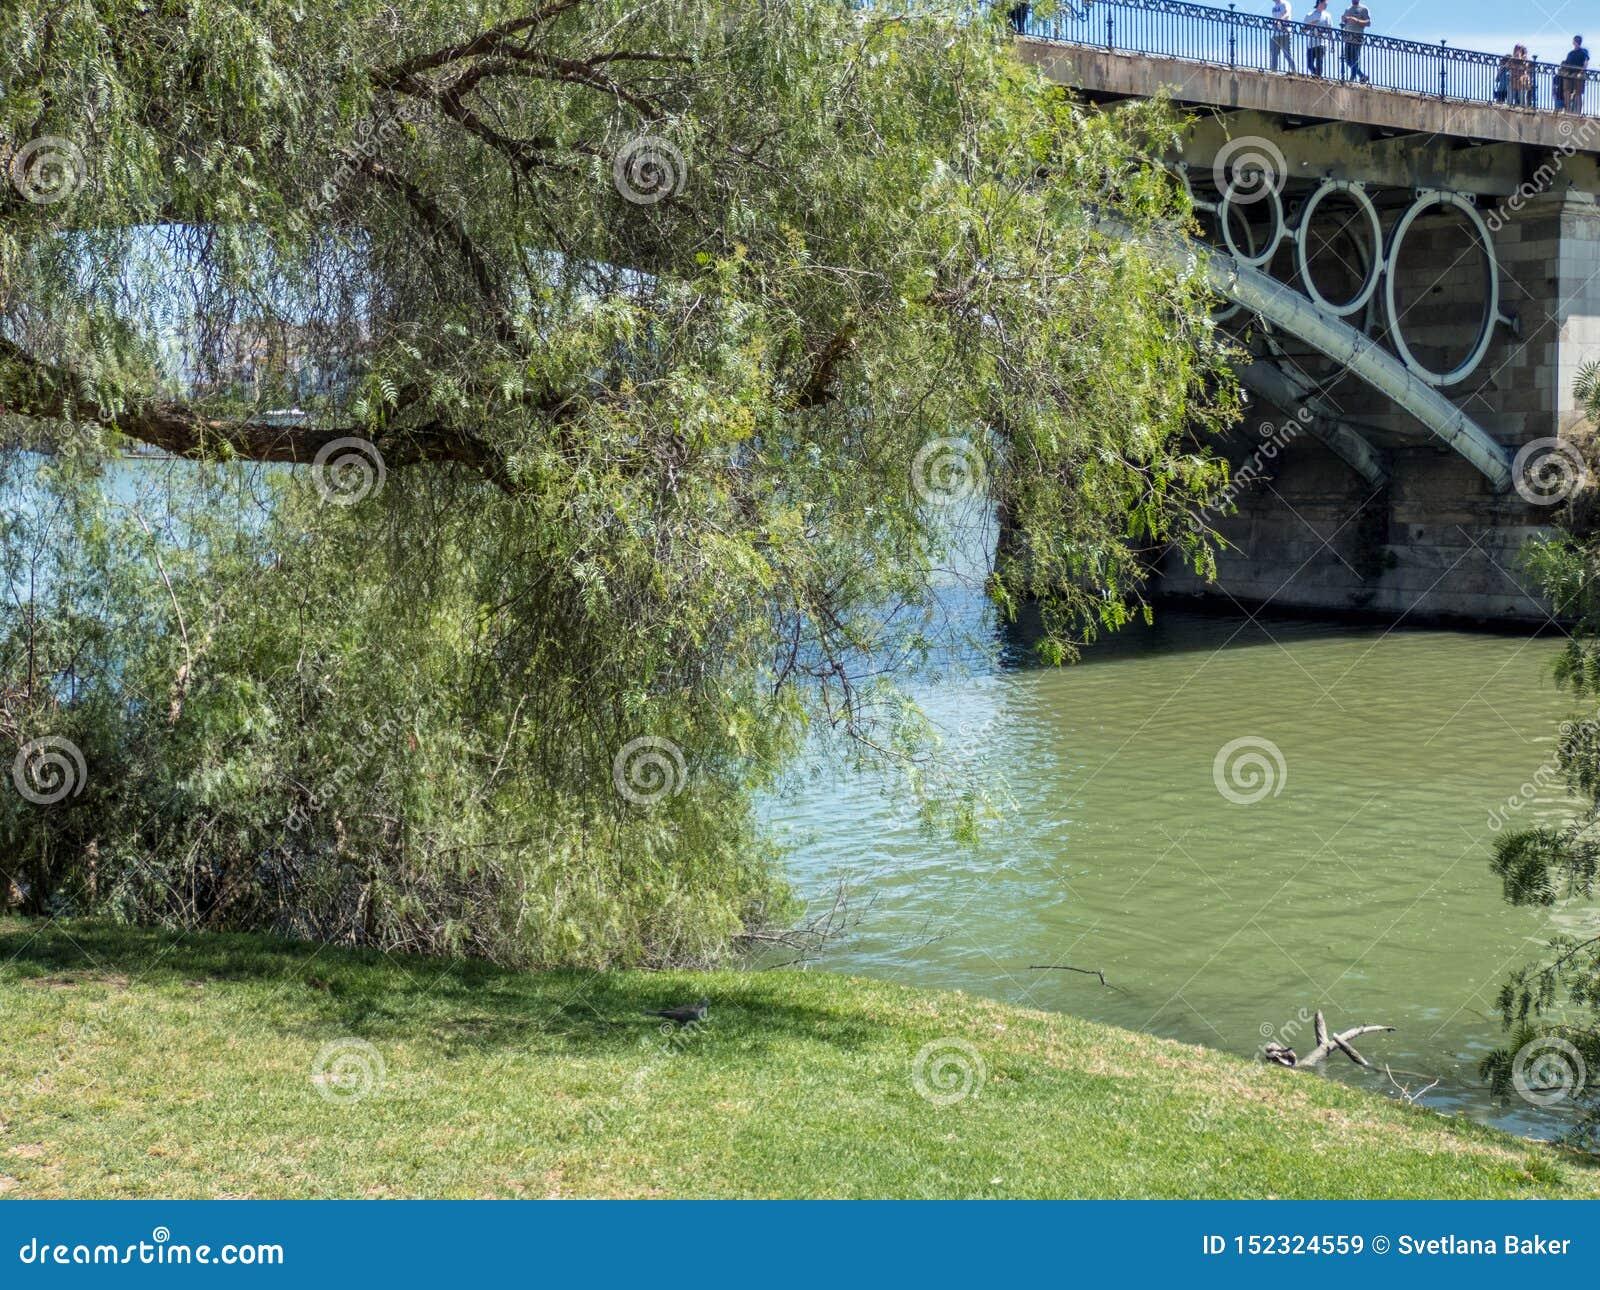 Der Guadalquivir-Fluss, der Sevilla im Süd-Spanien durchfließt Flussbank mit Baum